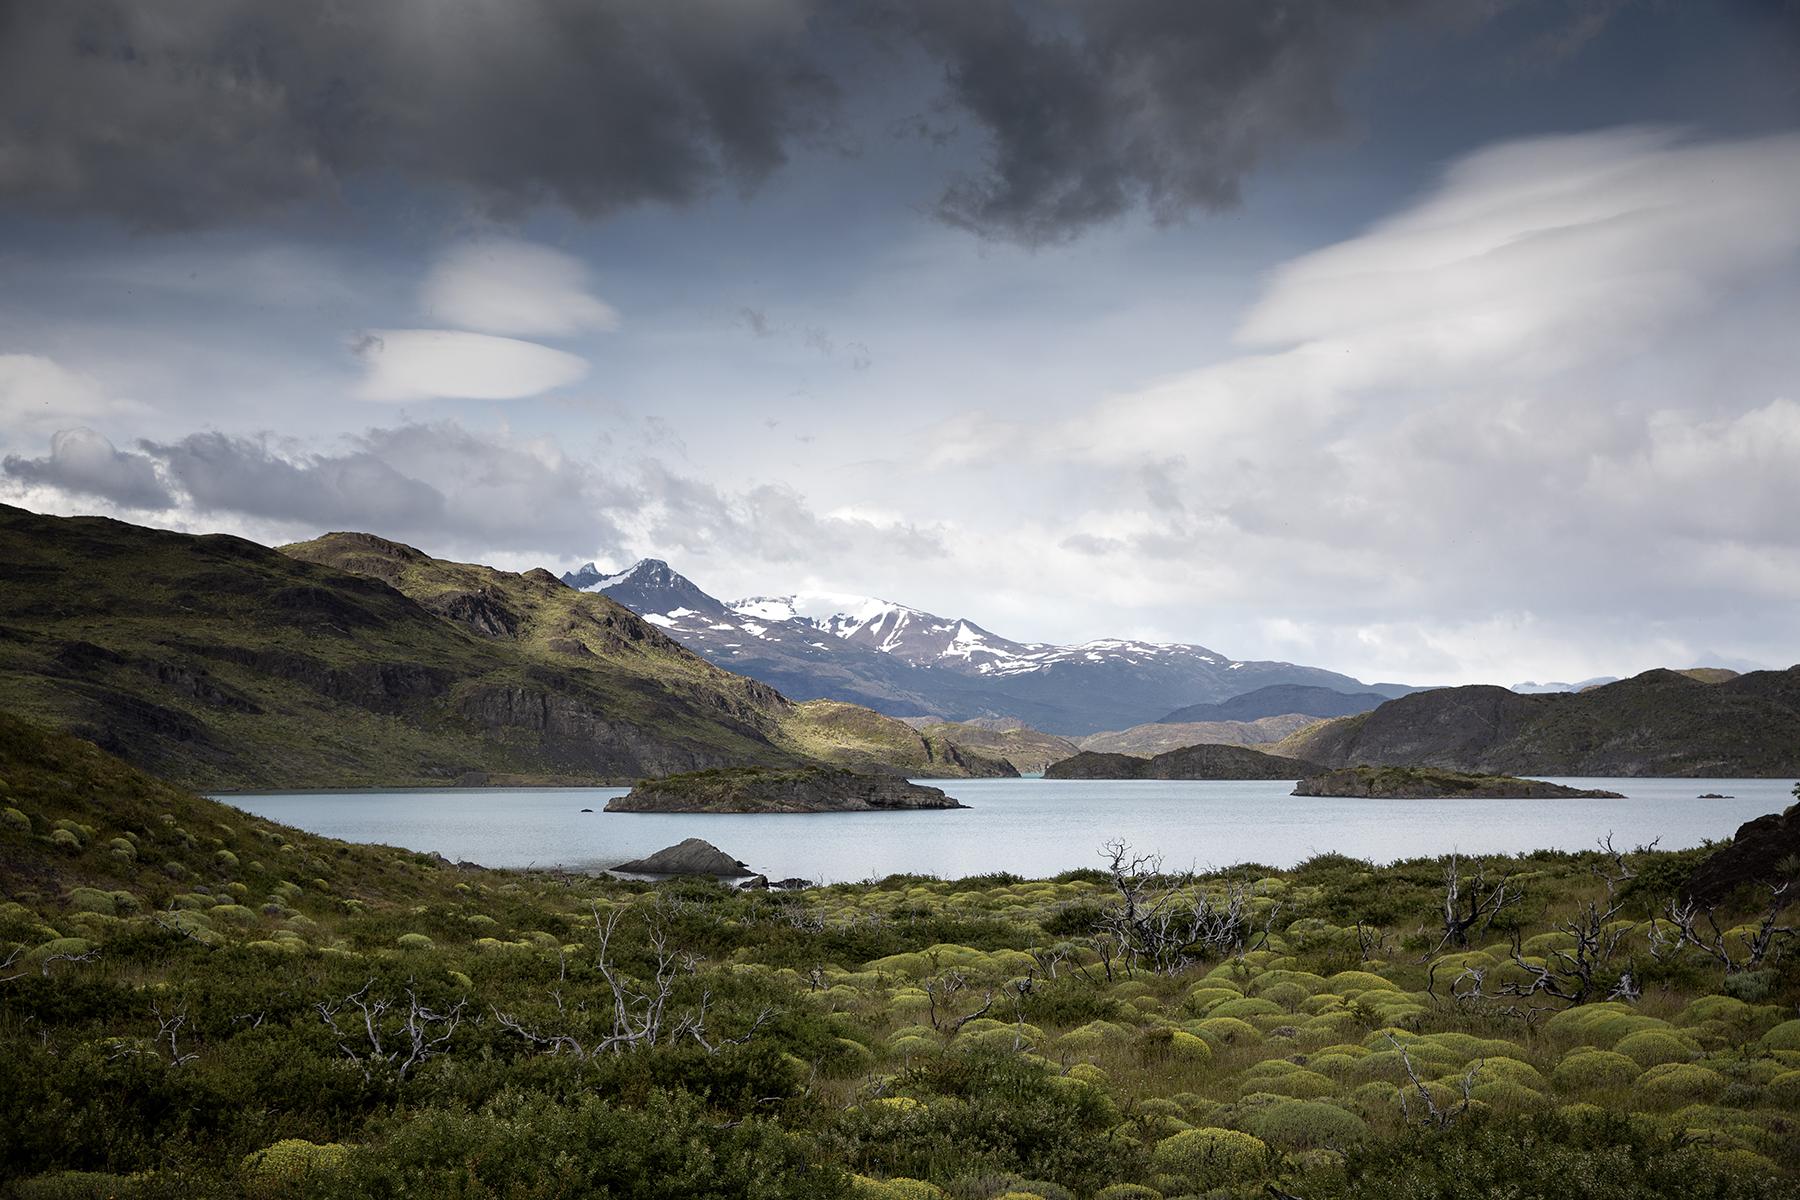 randonnée facile dans le parc de Torres del Paine